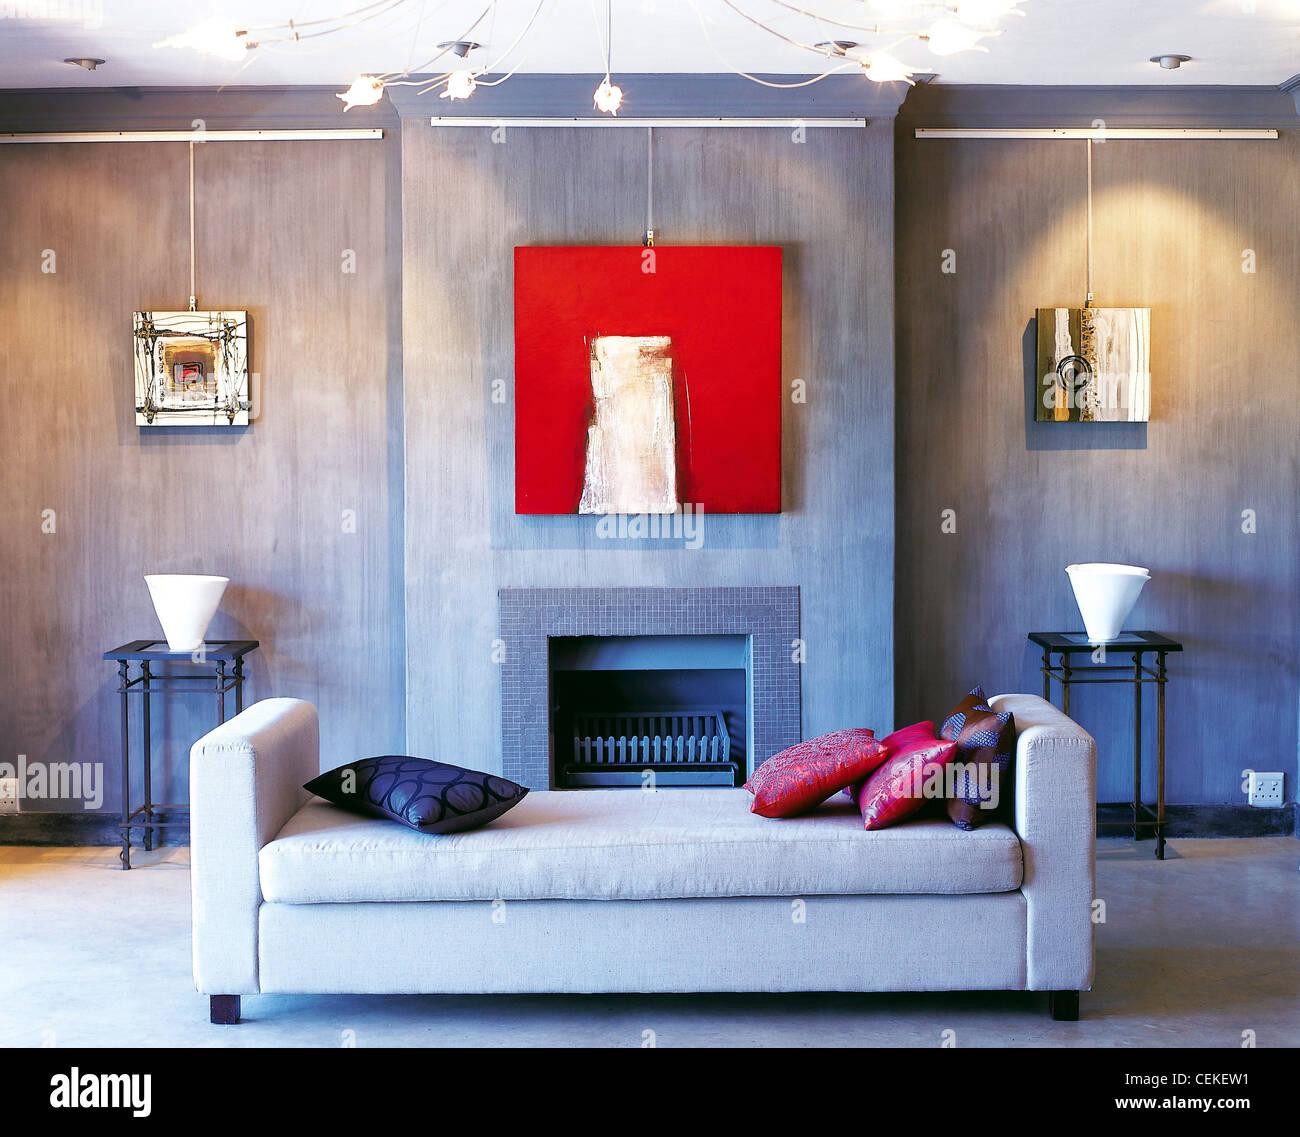 Soggiorno di ardesia grigie pareti colorate, grigio chiaro ...